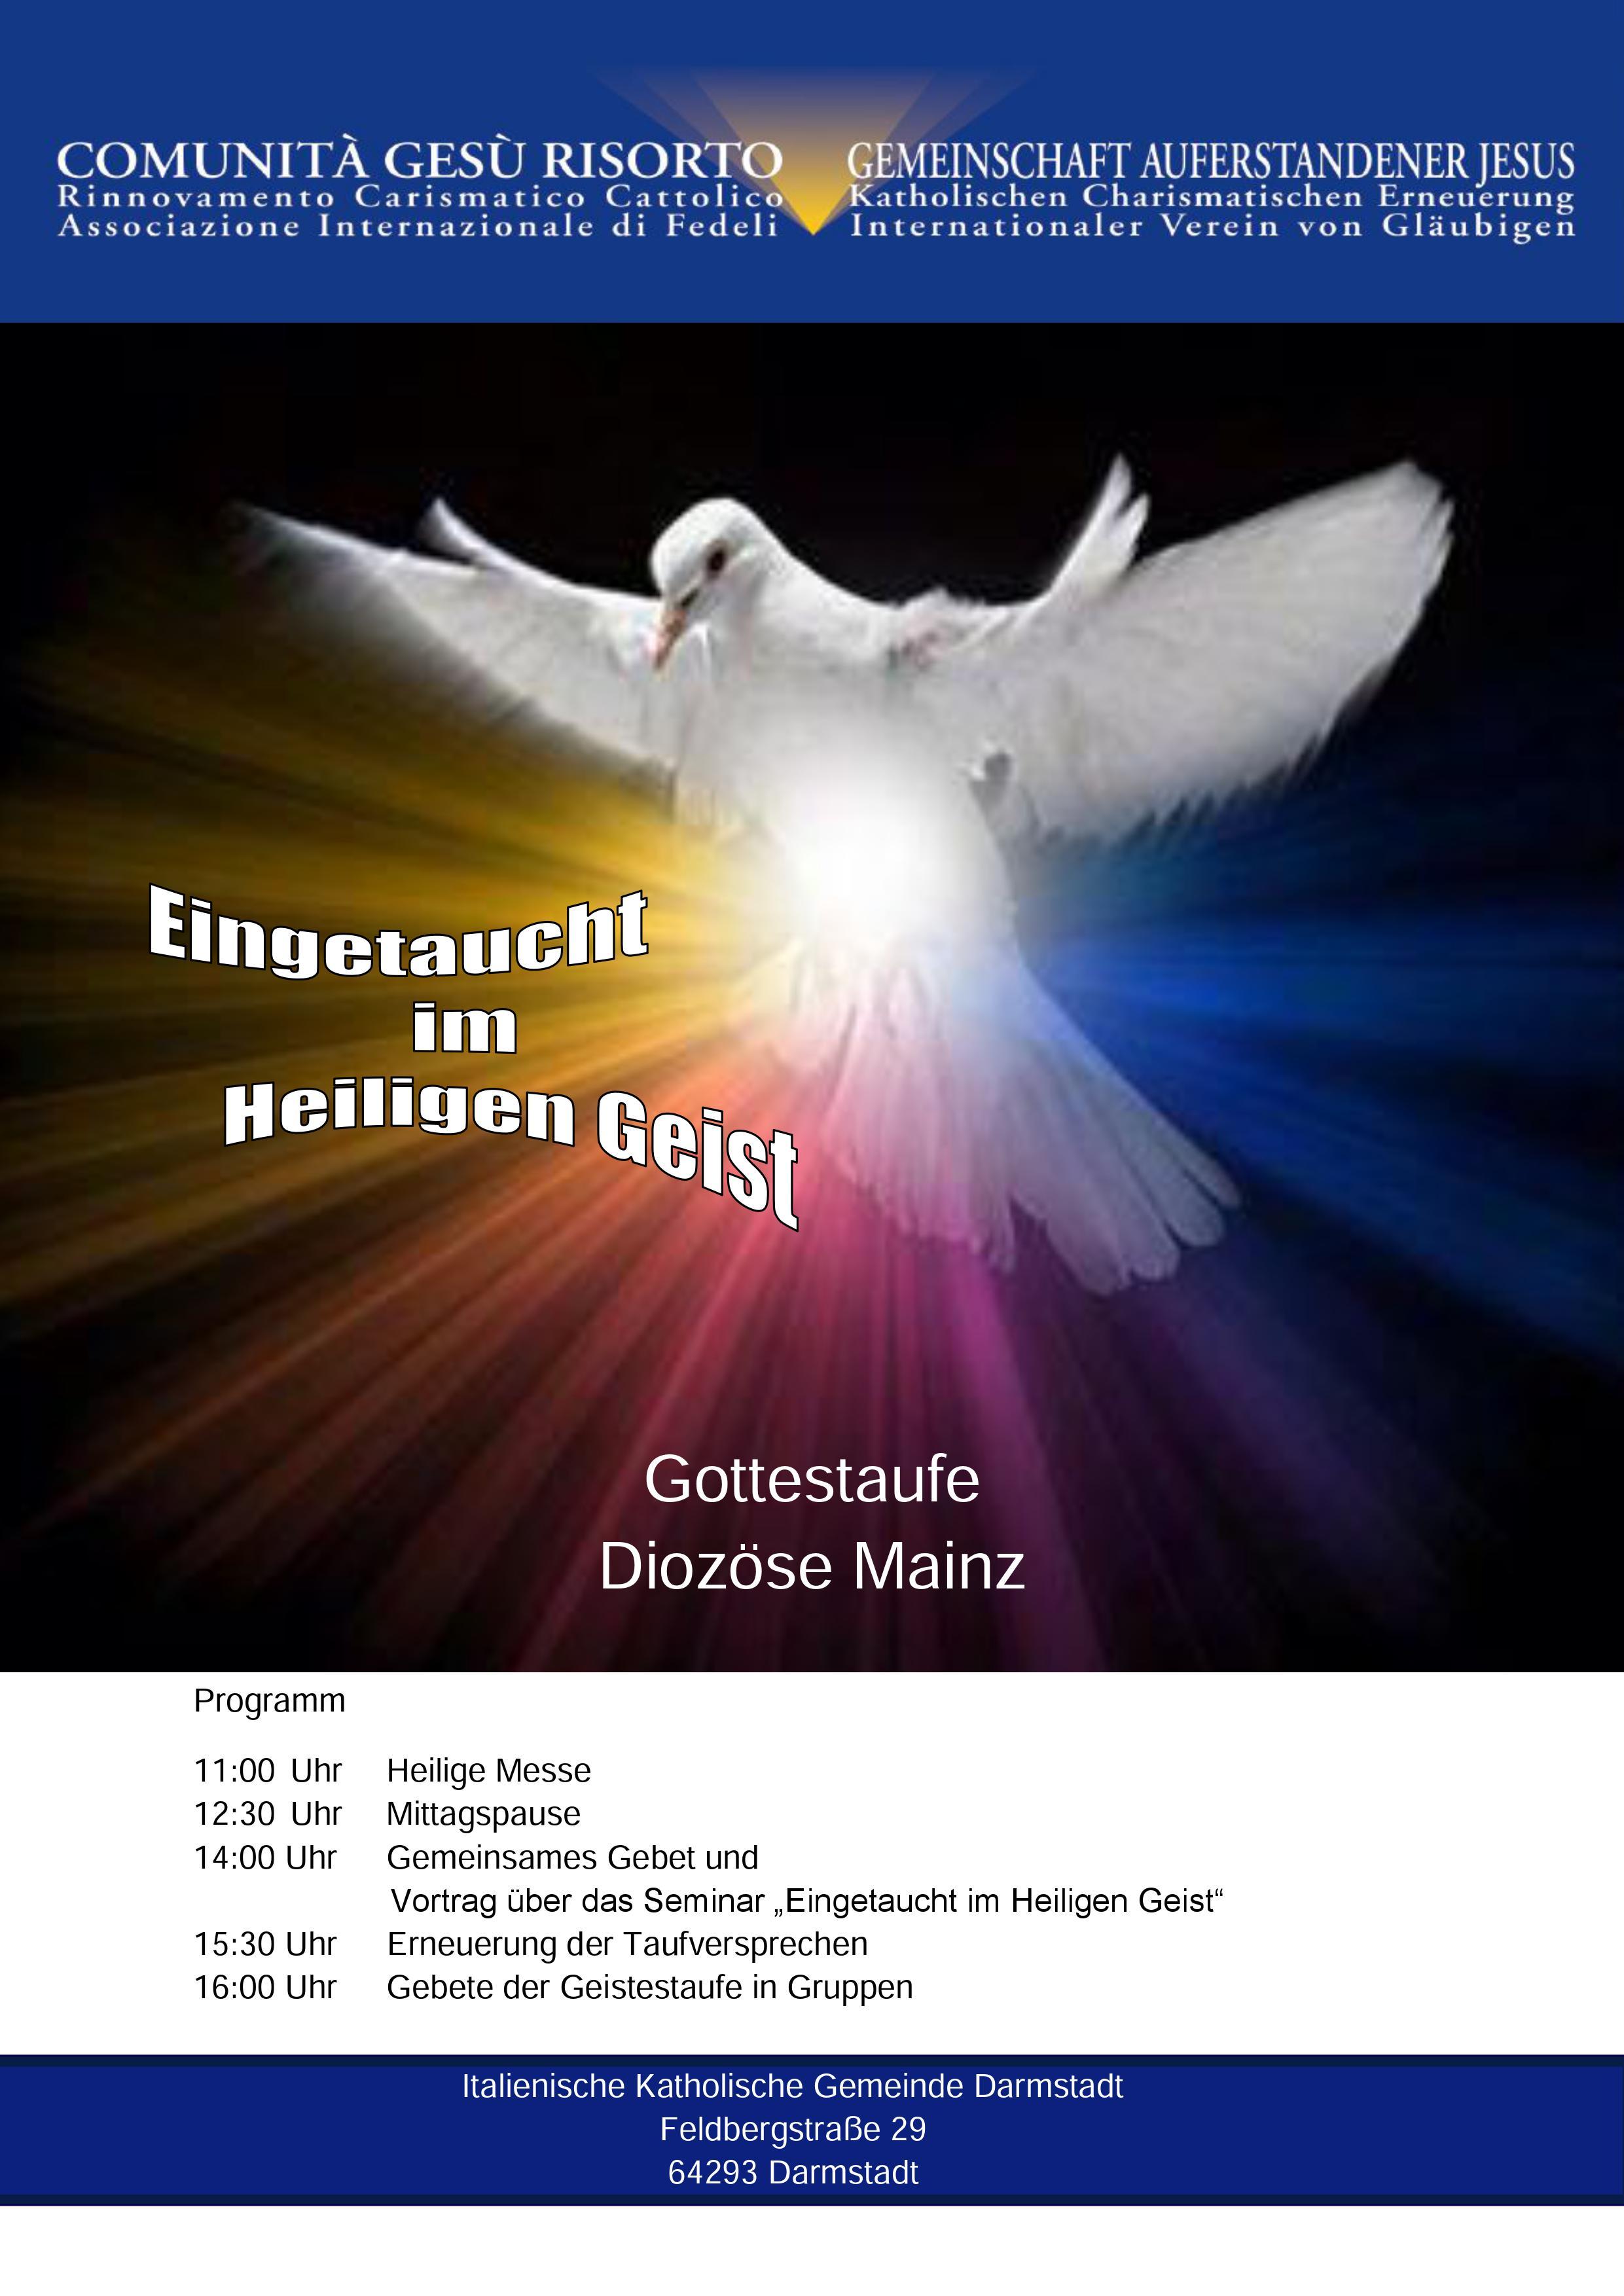 Ritiro Preghiera per Effusione dello Spirito Santo – diocesi di Mainz